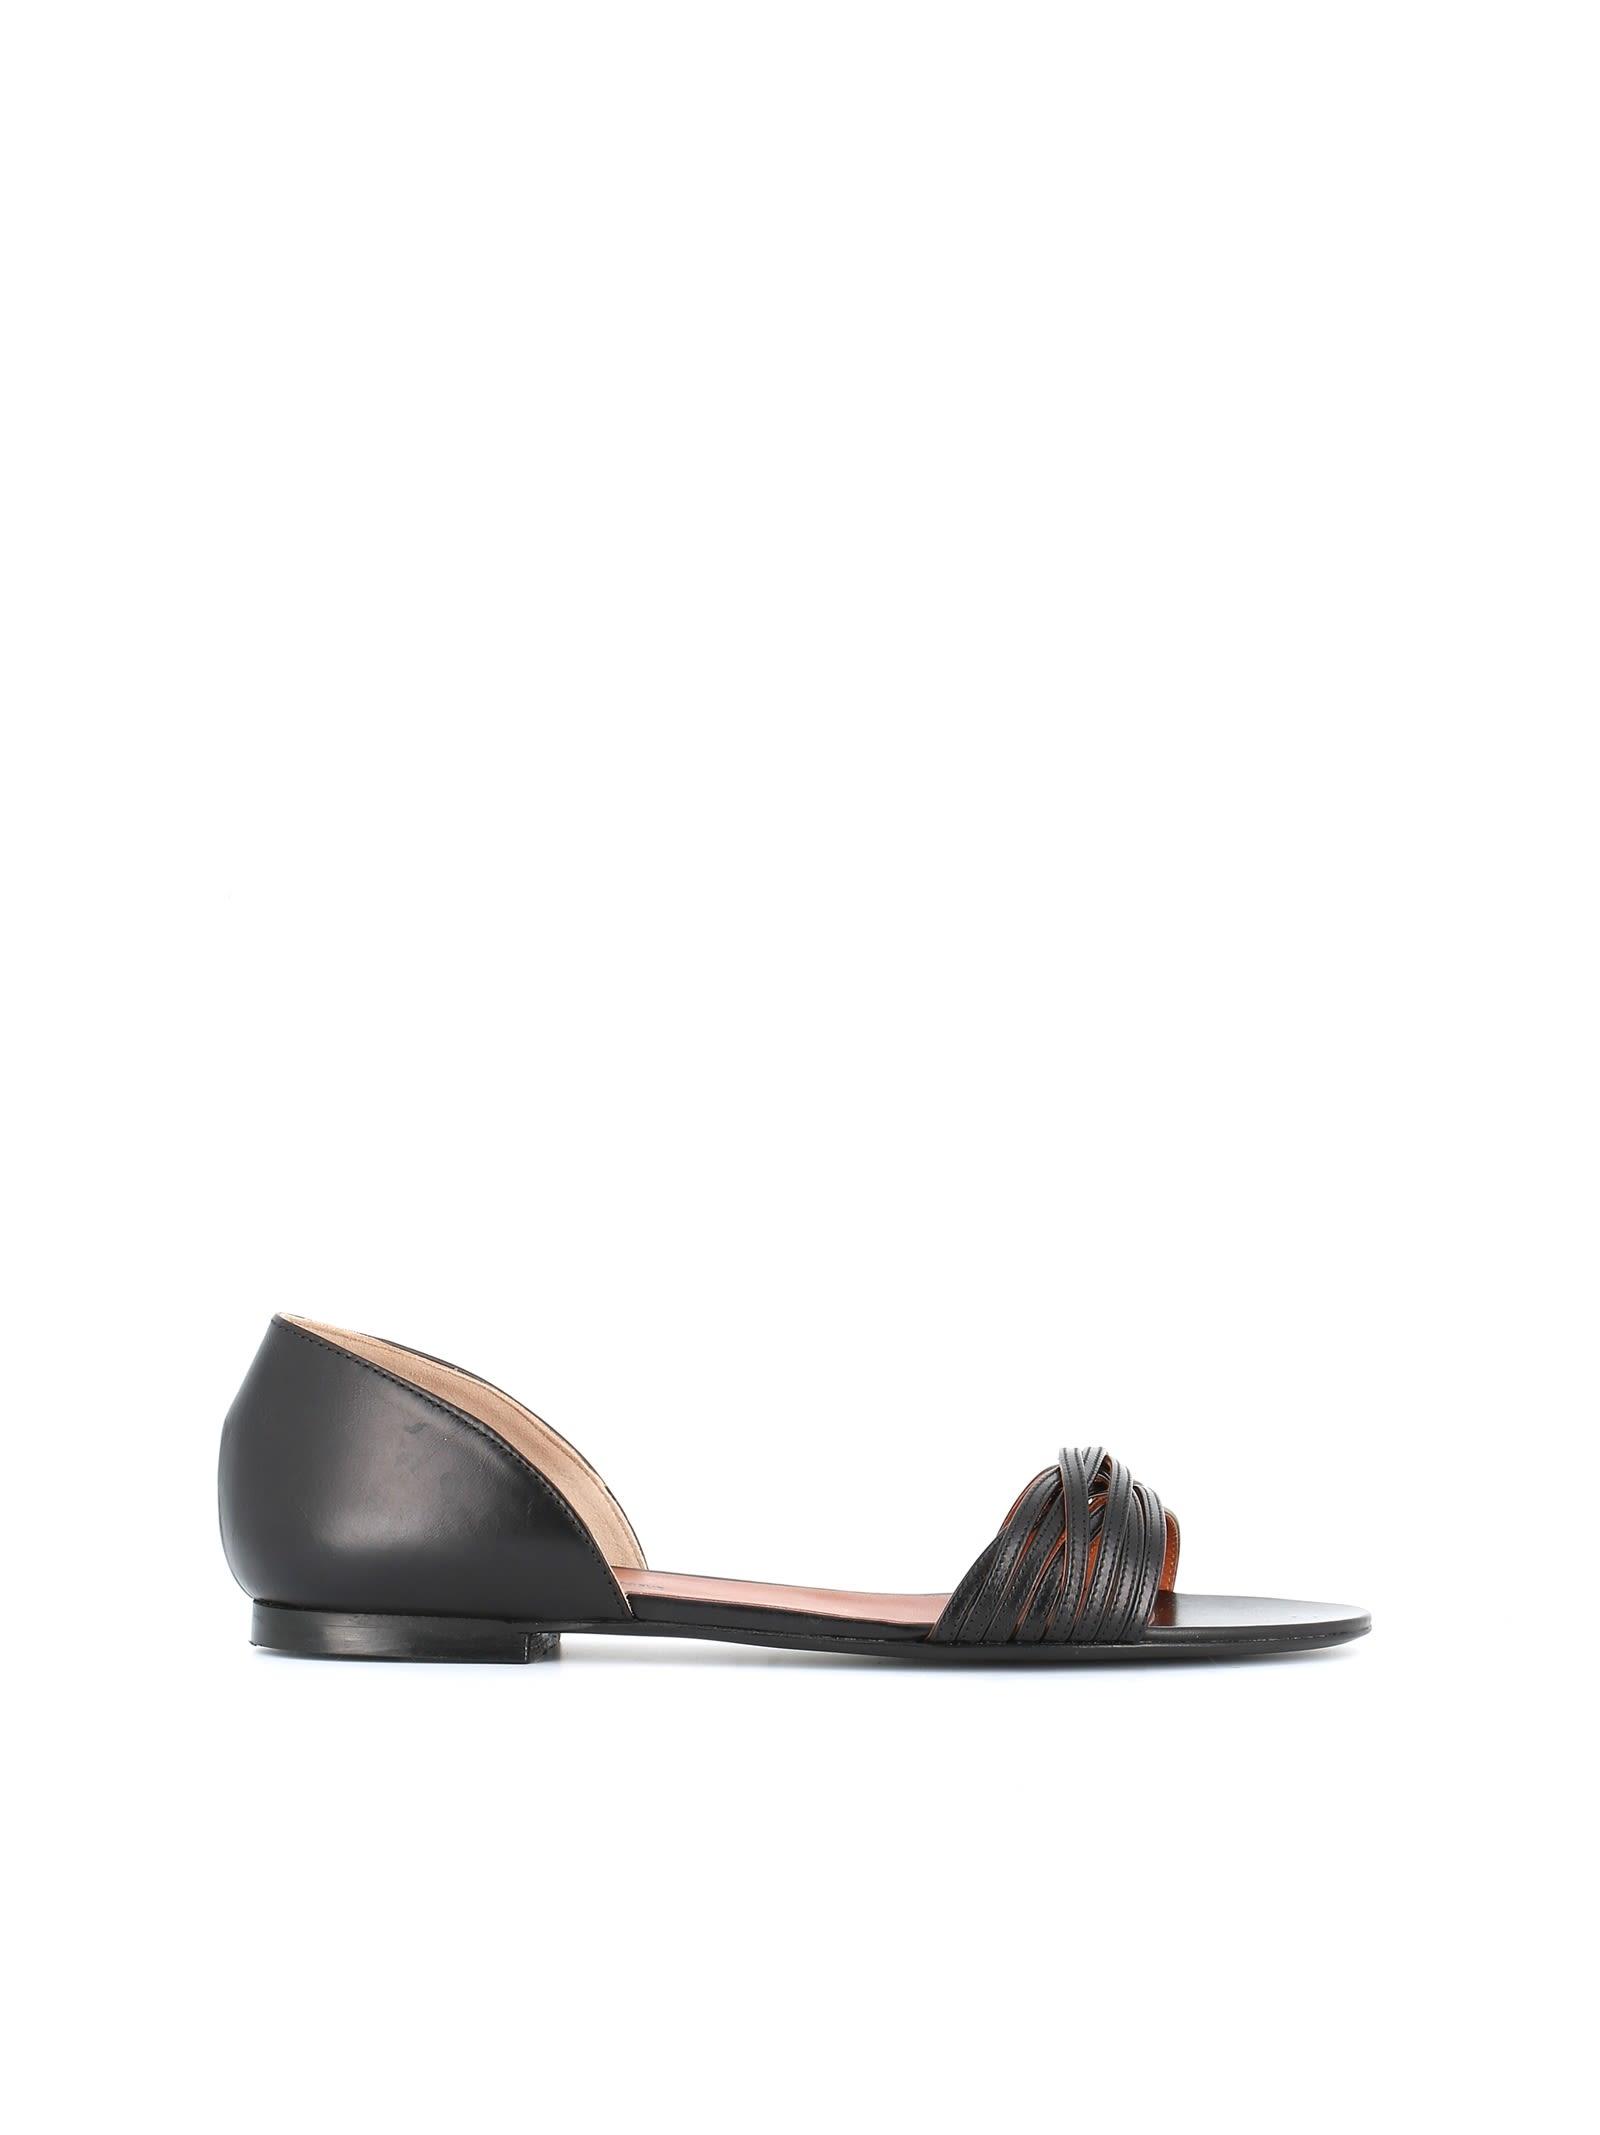 Michel Vivien Shoes Sale